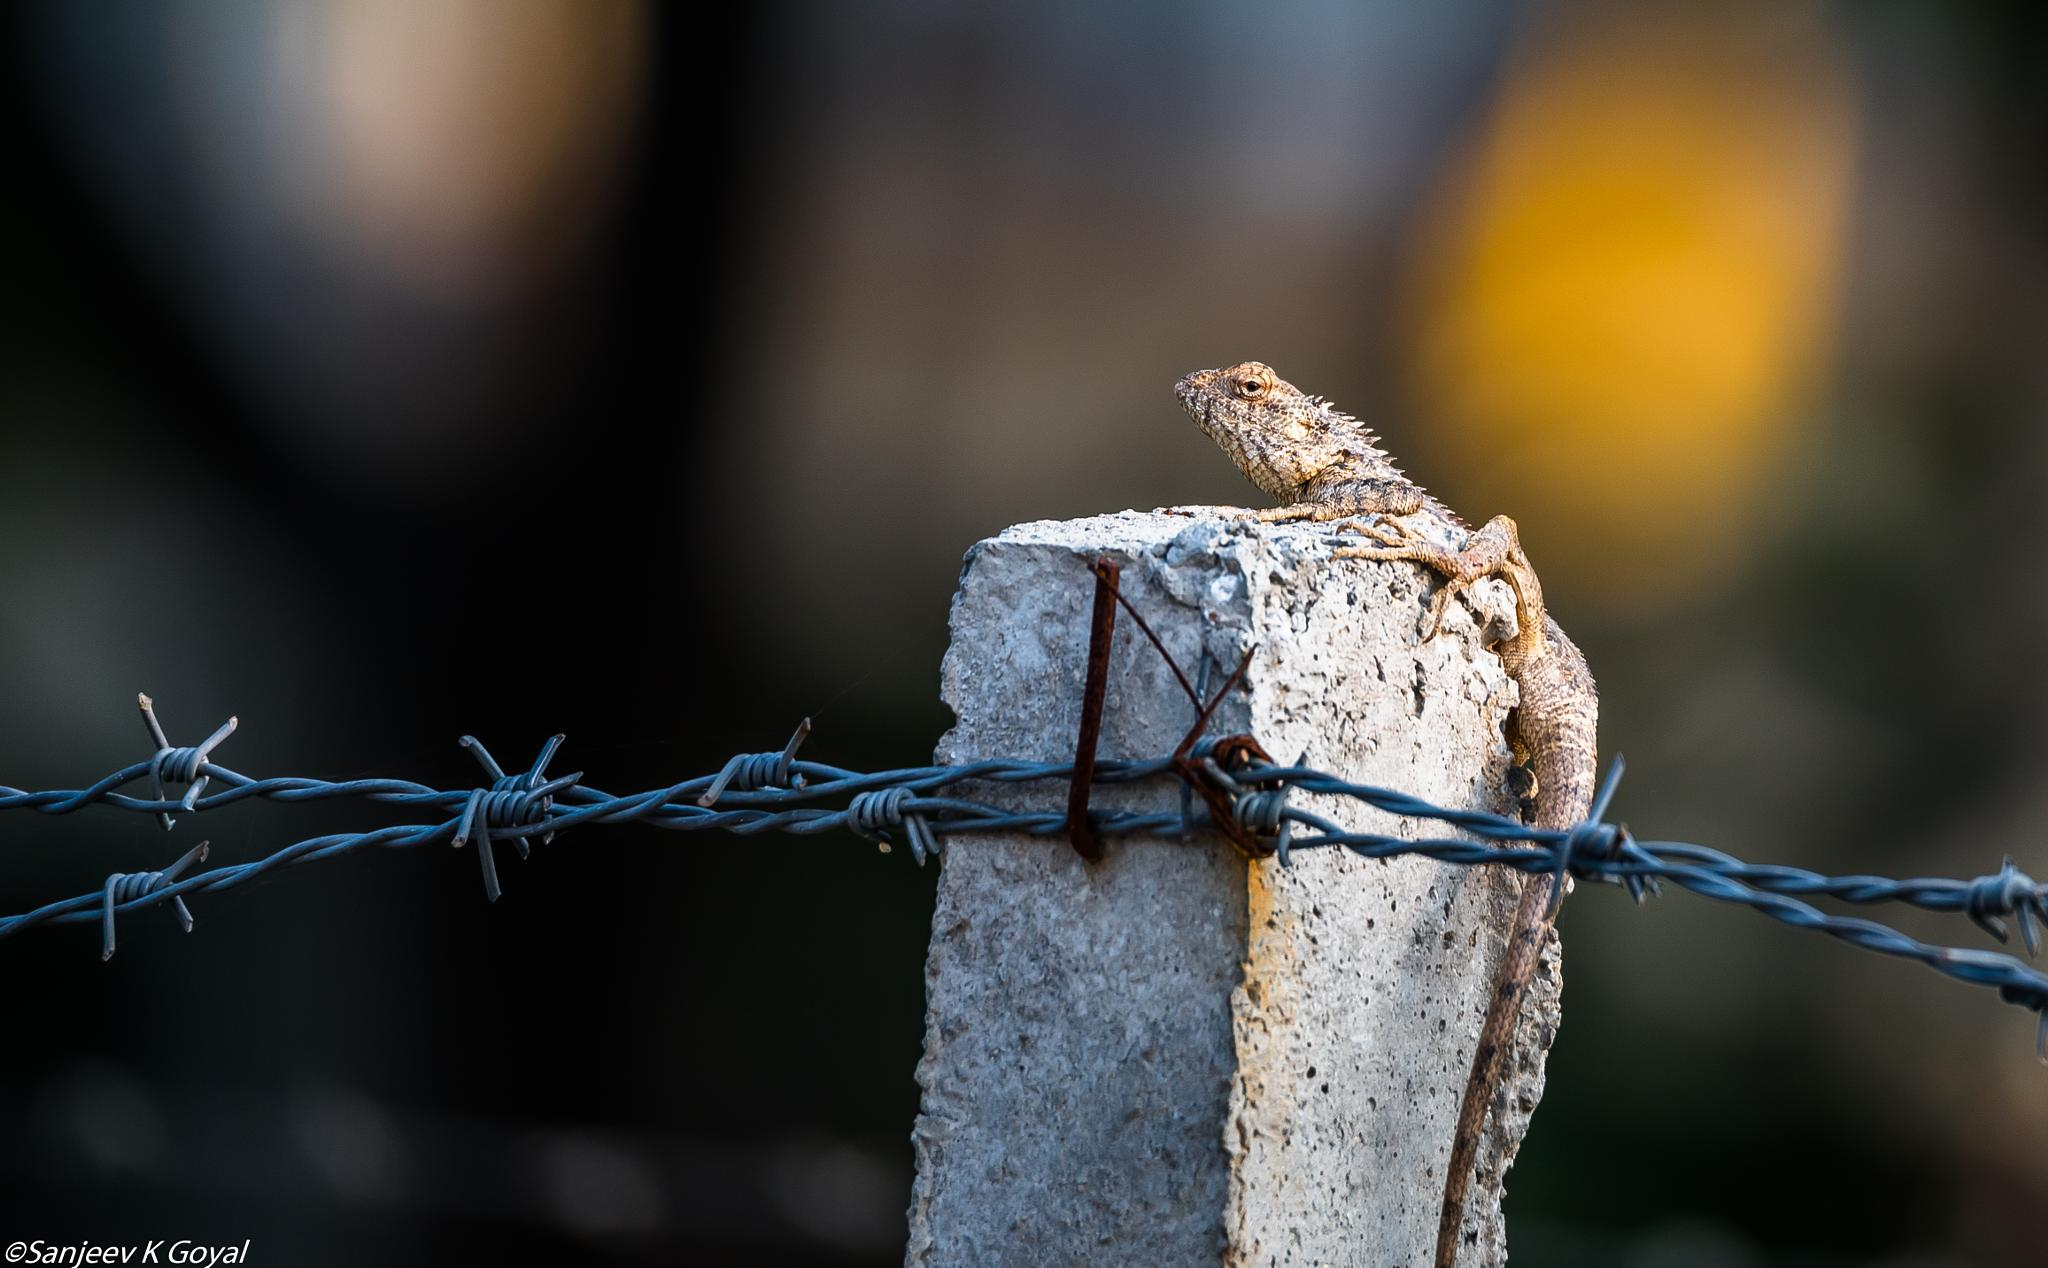 Garden Lizard by sanjeev.k.goyal.10